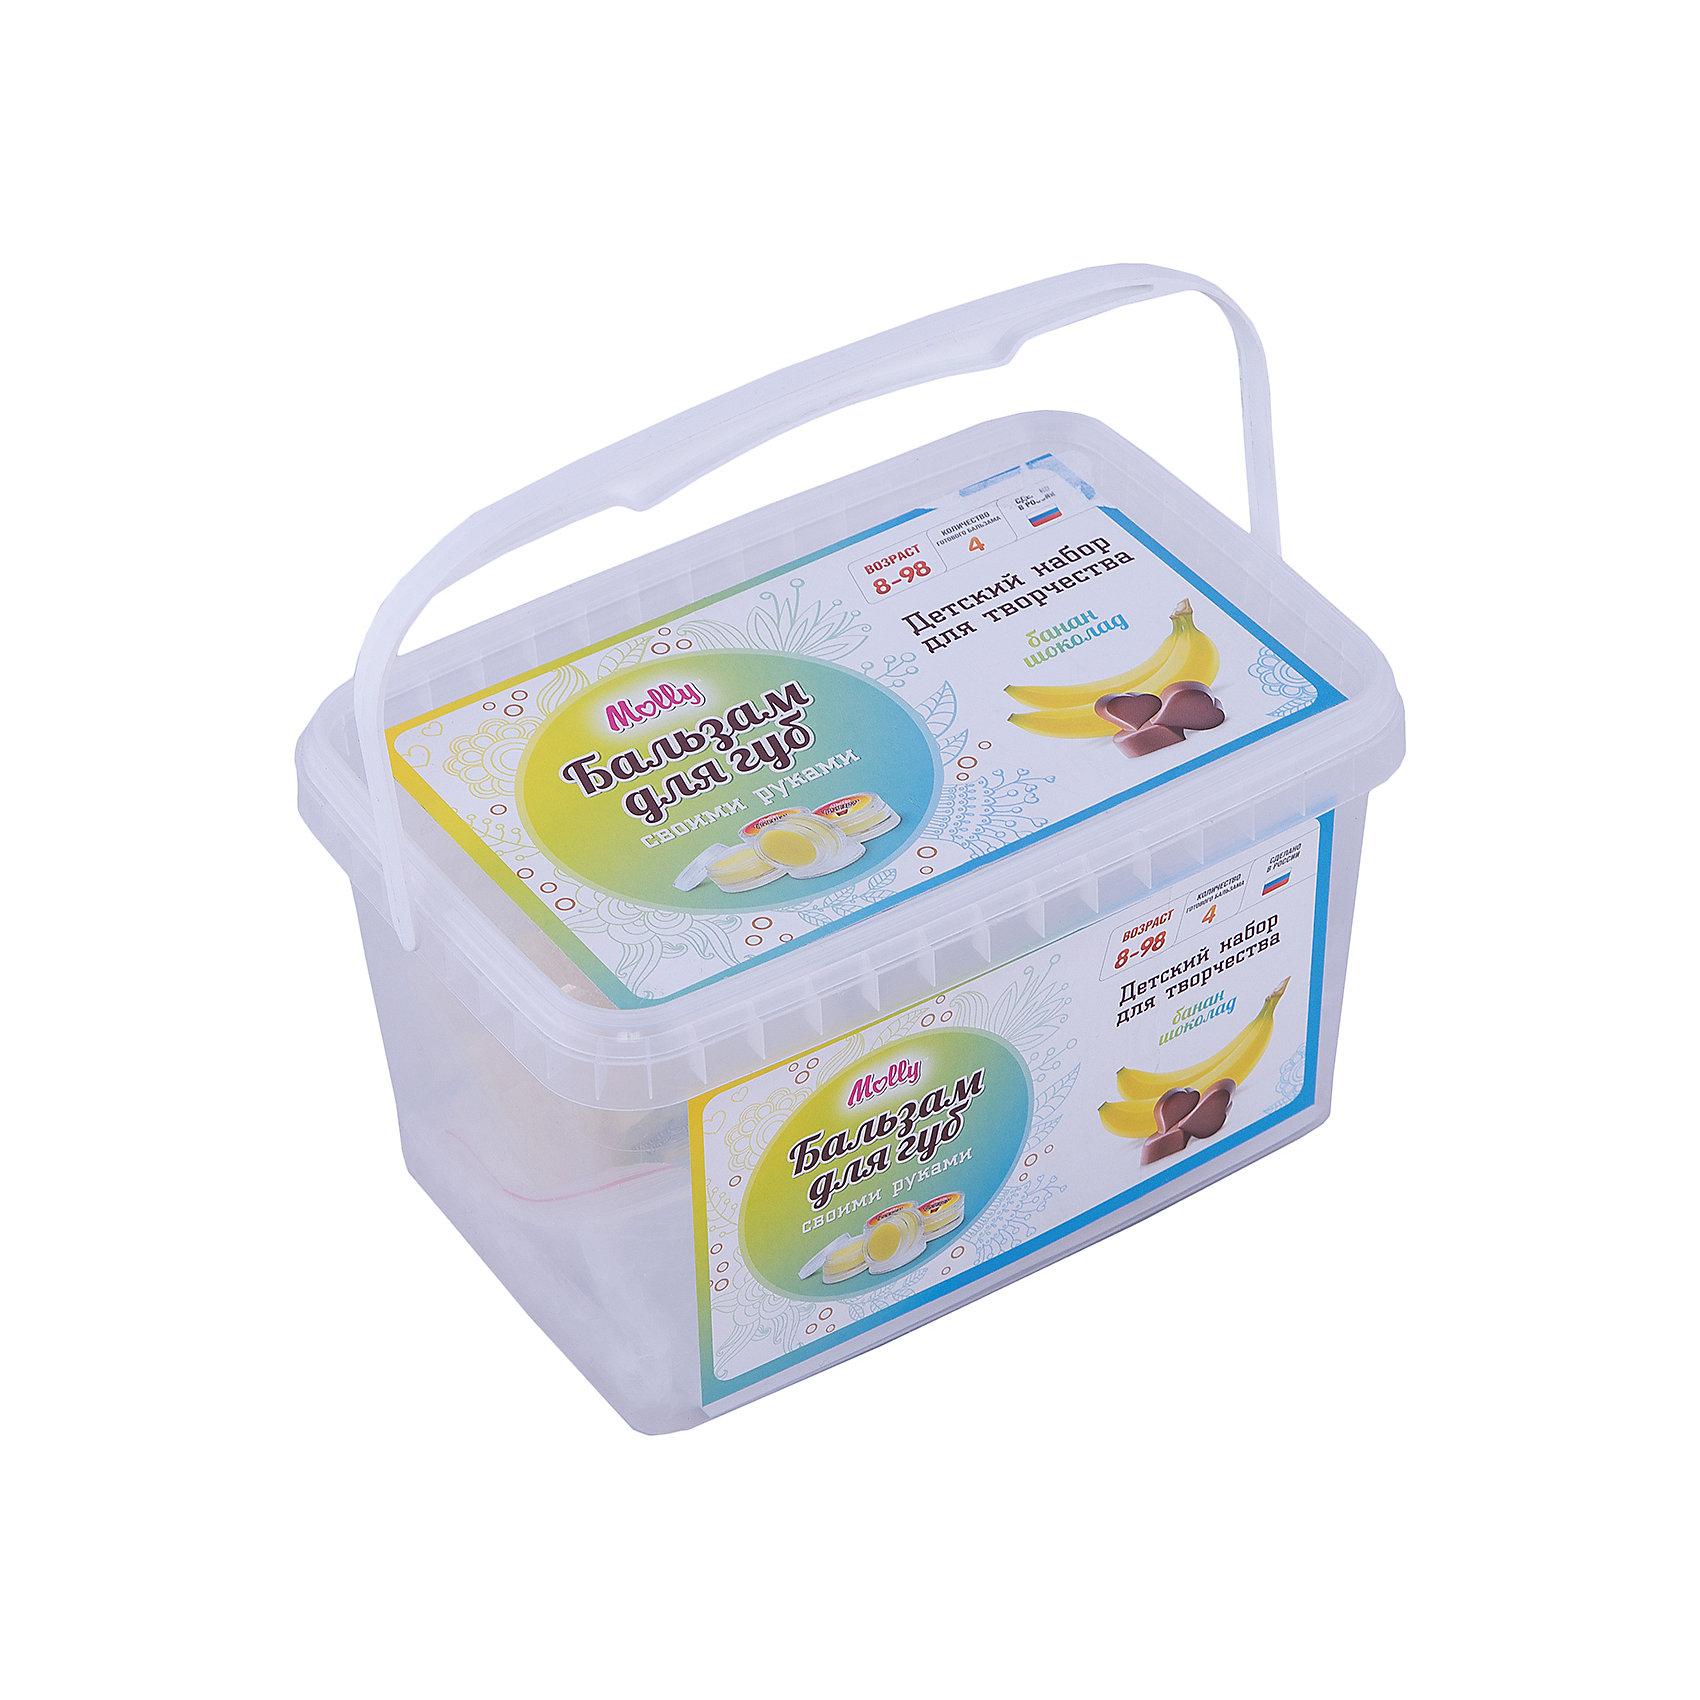 Бальзам для губ Банан-шоколадКосметика, грим и парфюмерия<br>Оригинальные бурляшки (бомбочки для ванн), которые можно создать своими руками. В состав набора входит: сода, лимонная кислота, морская соль, 1 краситель, 1 ароматизатор,  форма для бурляшек,  одноразовые перчатки и подробная инструкция.<br><br>Ширина мм: 20<br>Глубина мм: 13<br>Высота мм: 11<br>Вес г: 215<br>Возраст от месяцев: 96<br>Возраст до месяцев: 144<br>Пол: Унисекс<br>Возраст: Детский<br>SKU: 5115200